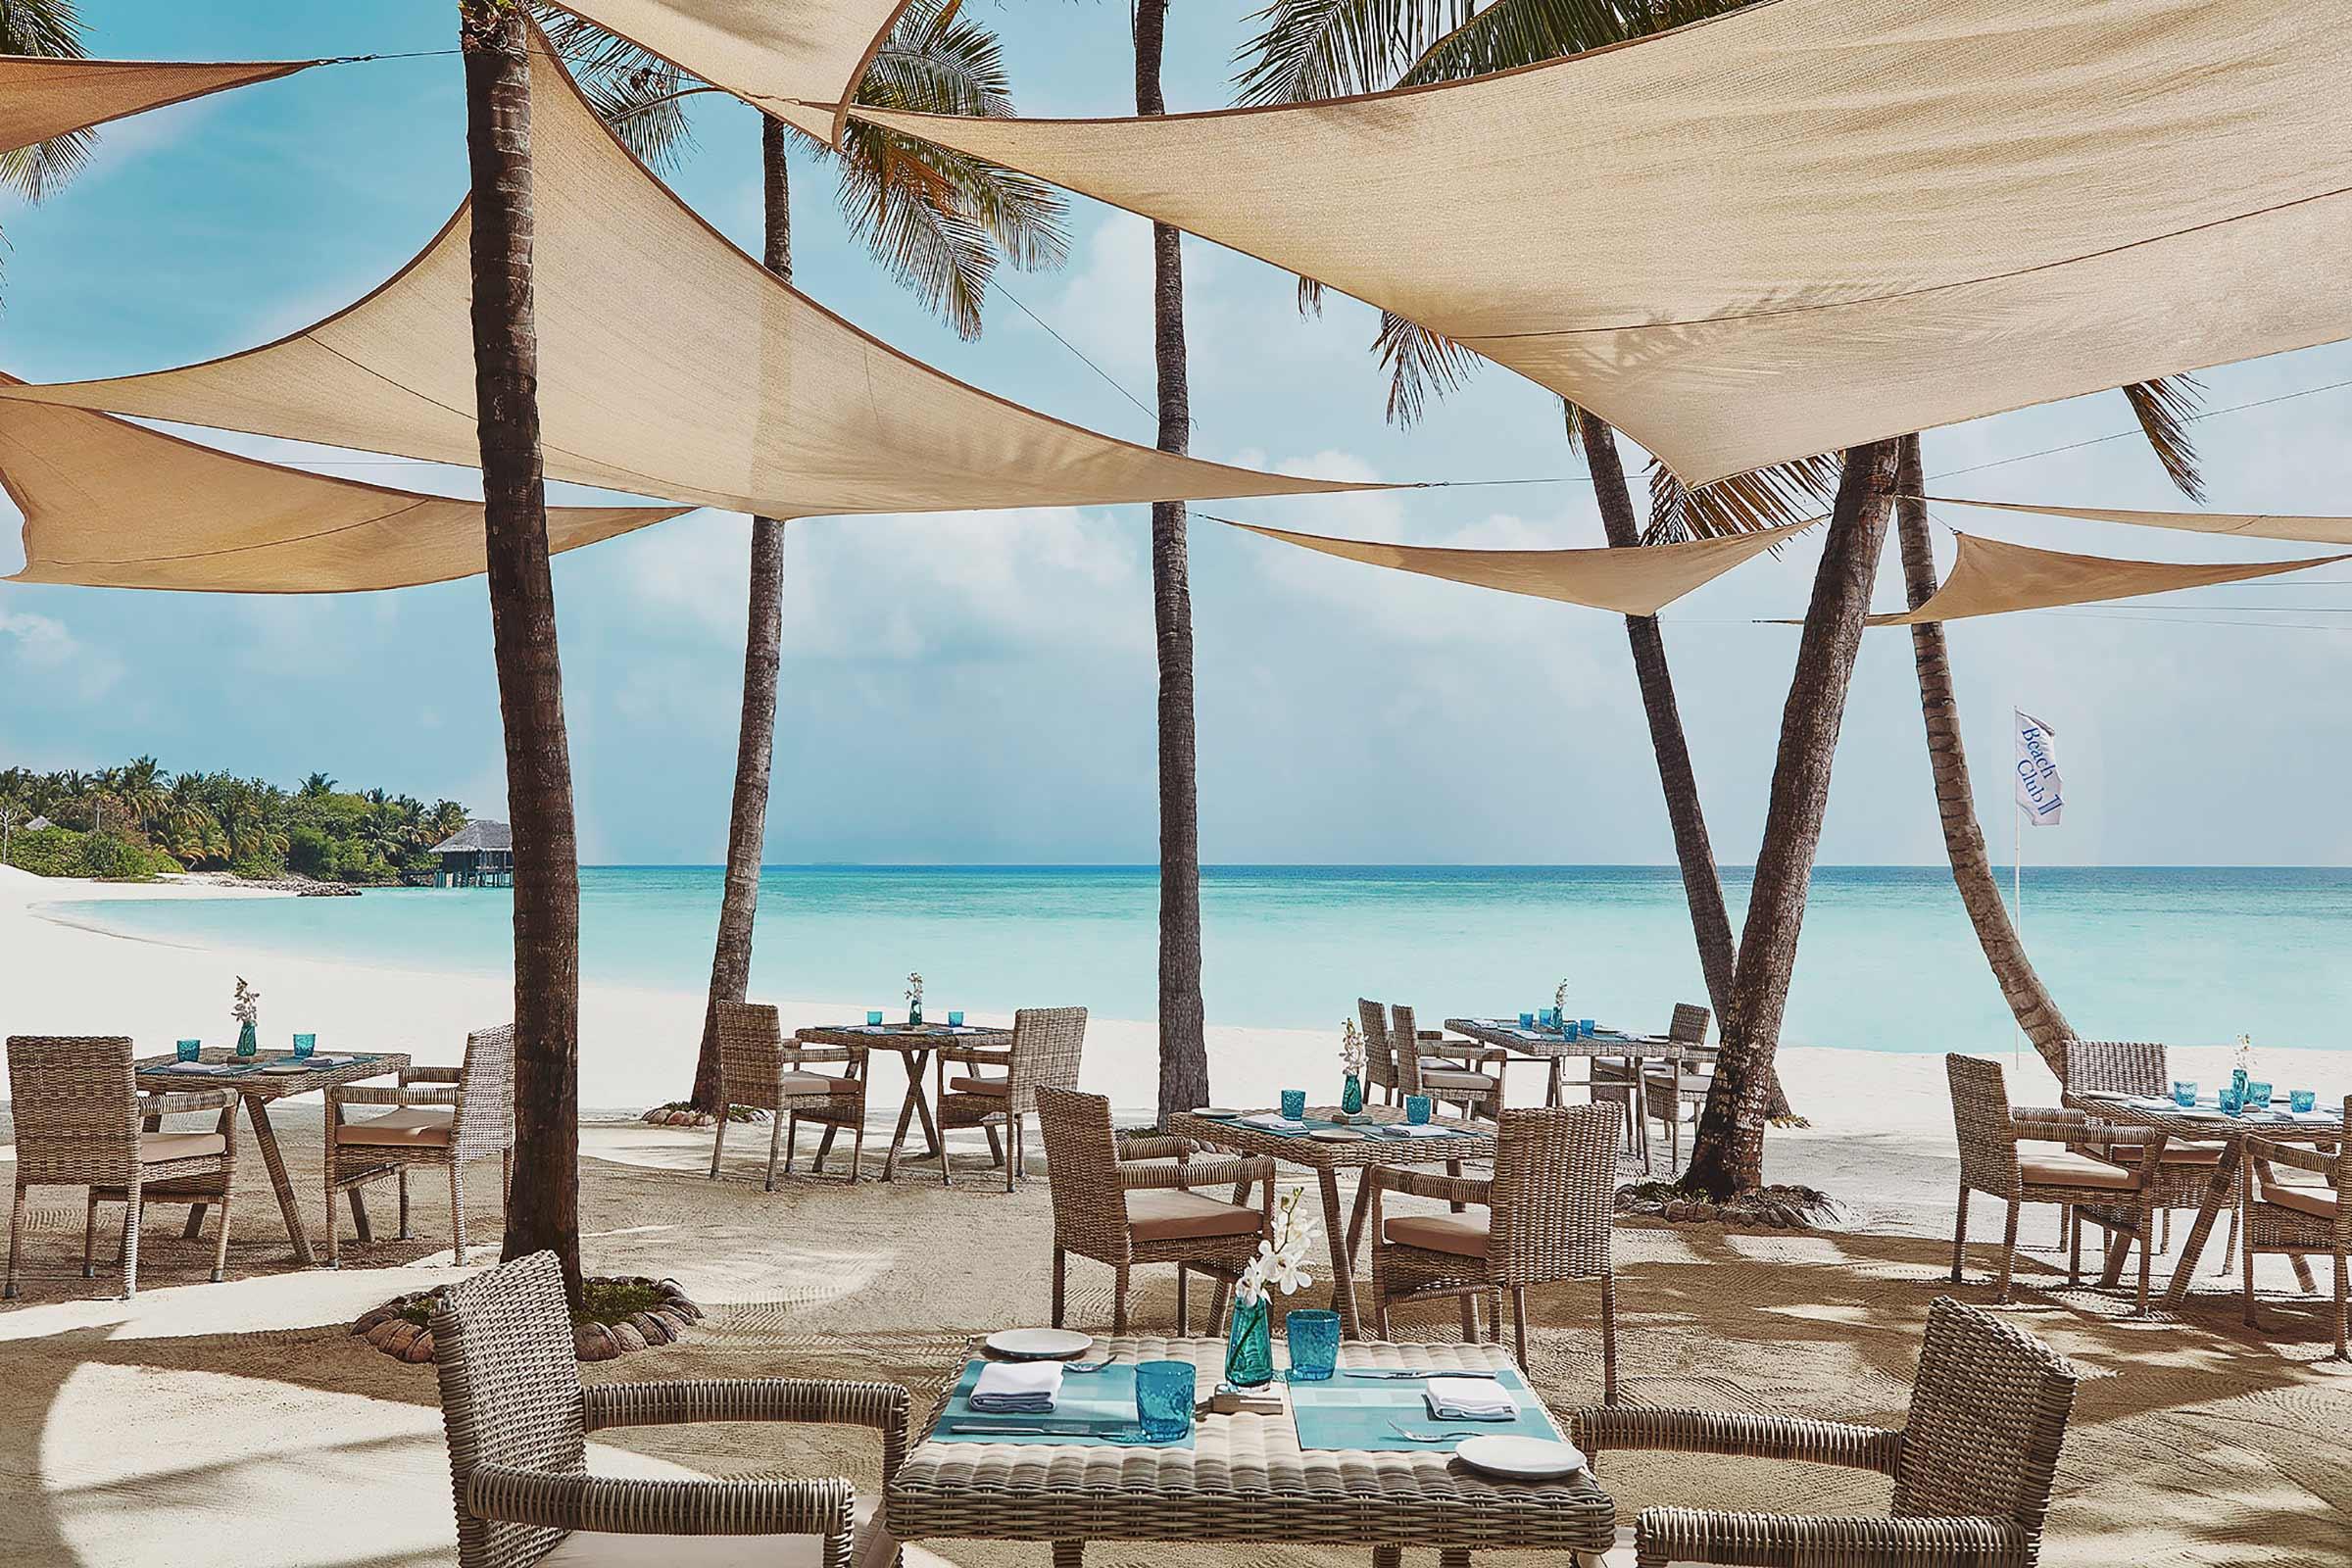 OO_ReethiRah_Beach-Club_Resturant_2.jpg